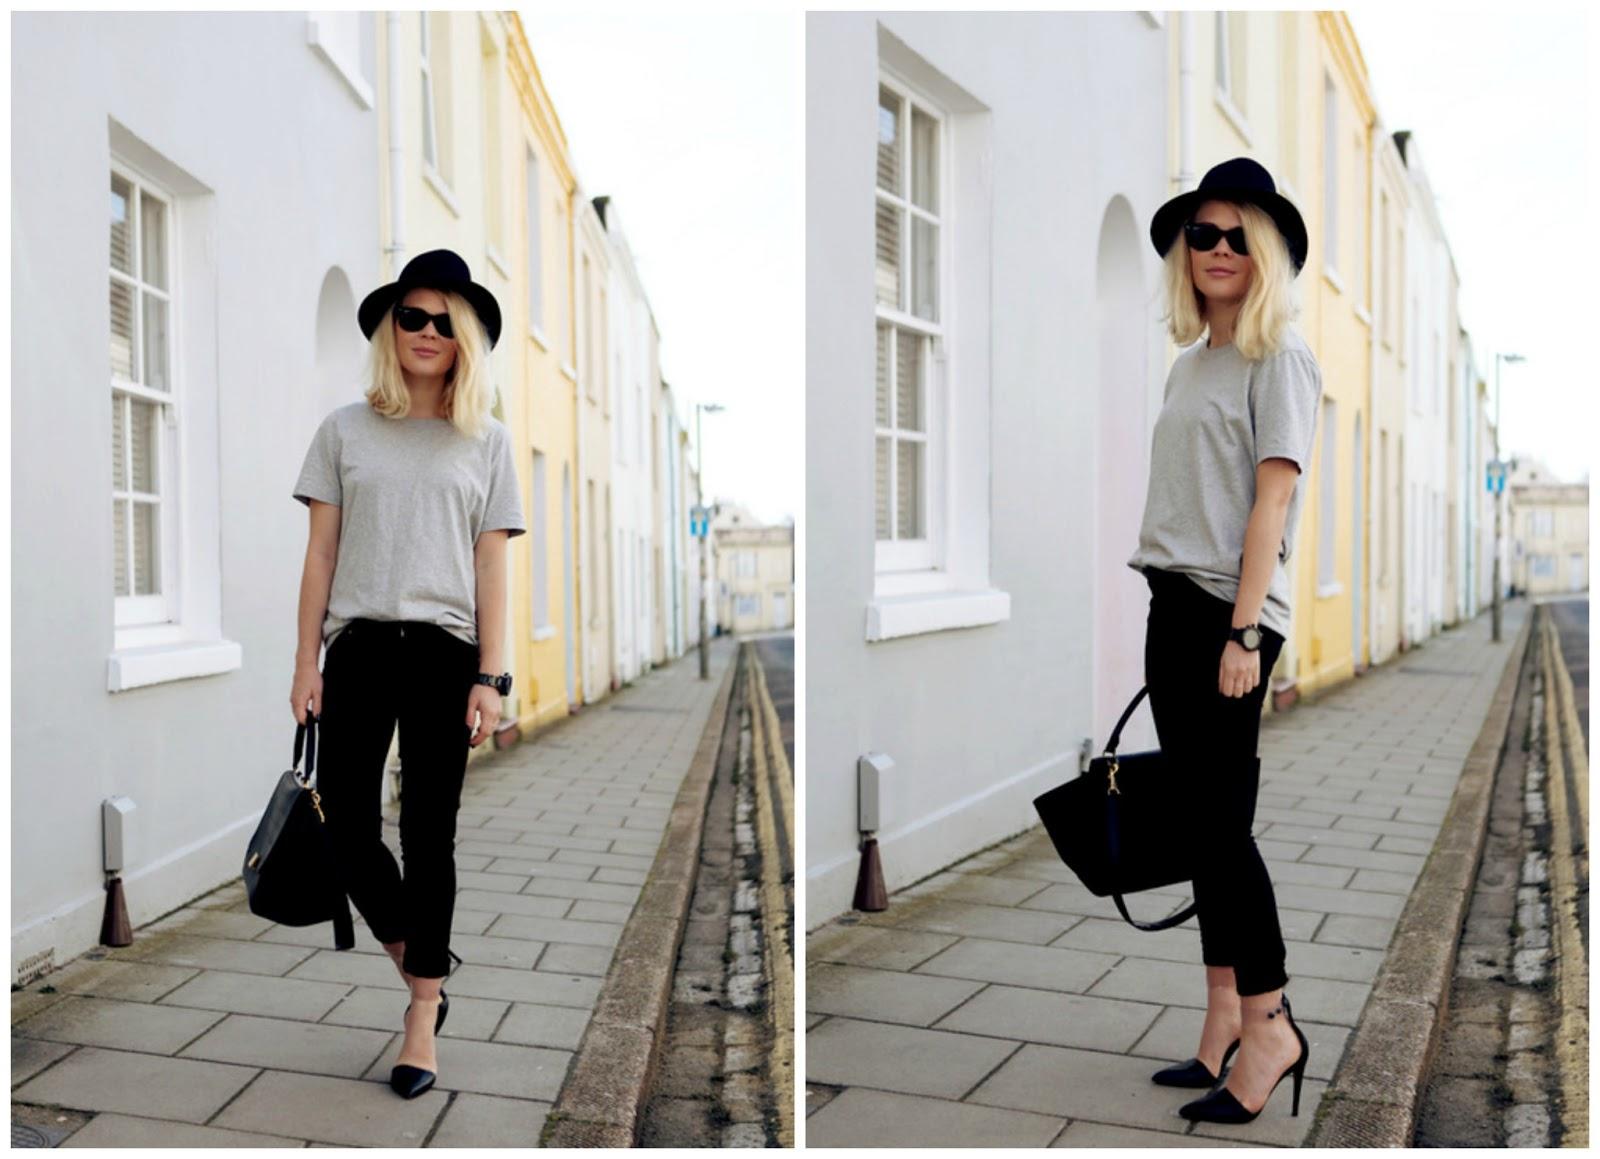 Zapatos de punta street style collage as es la moda - Zapatos collage ...